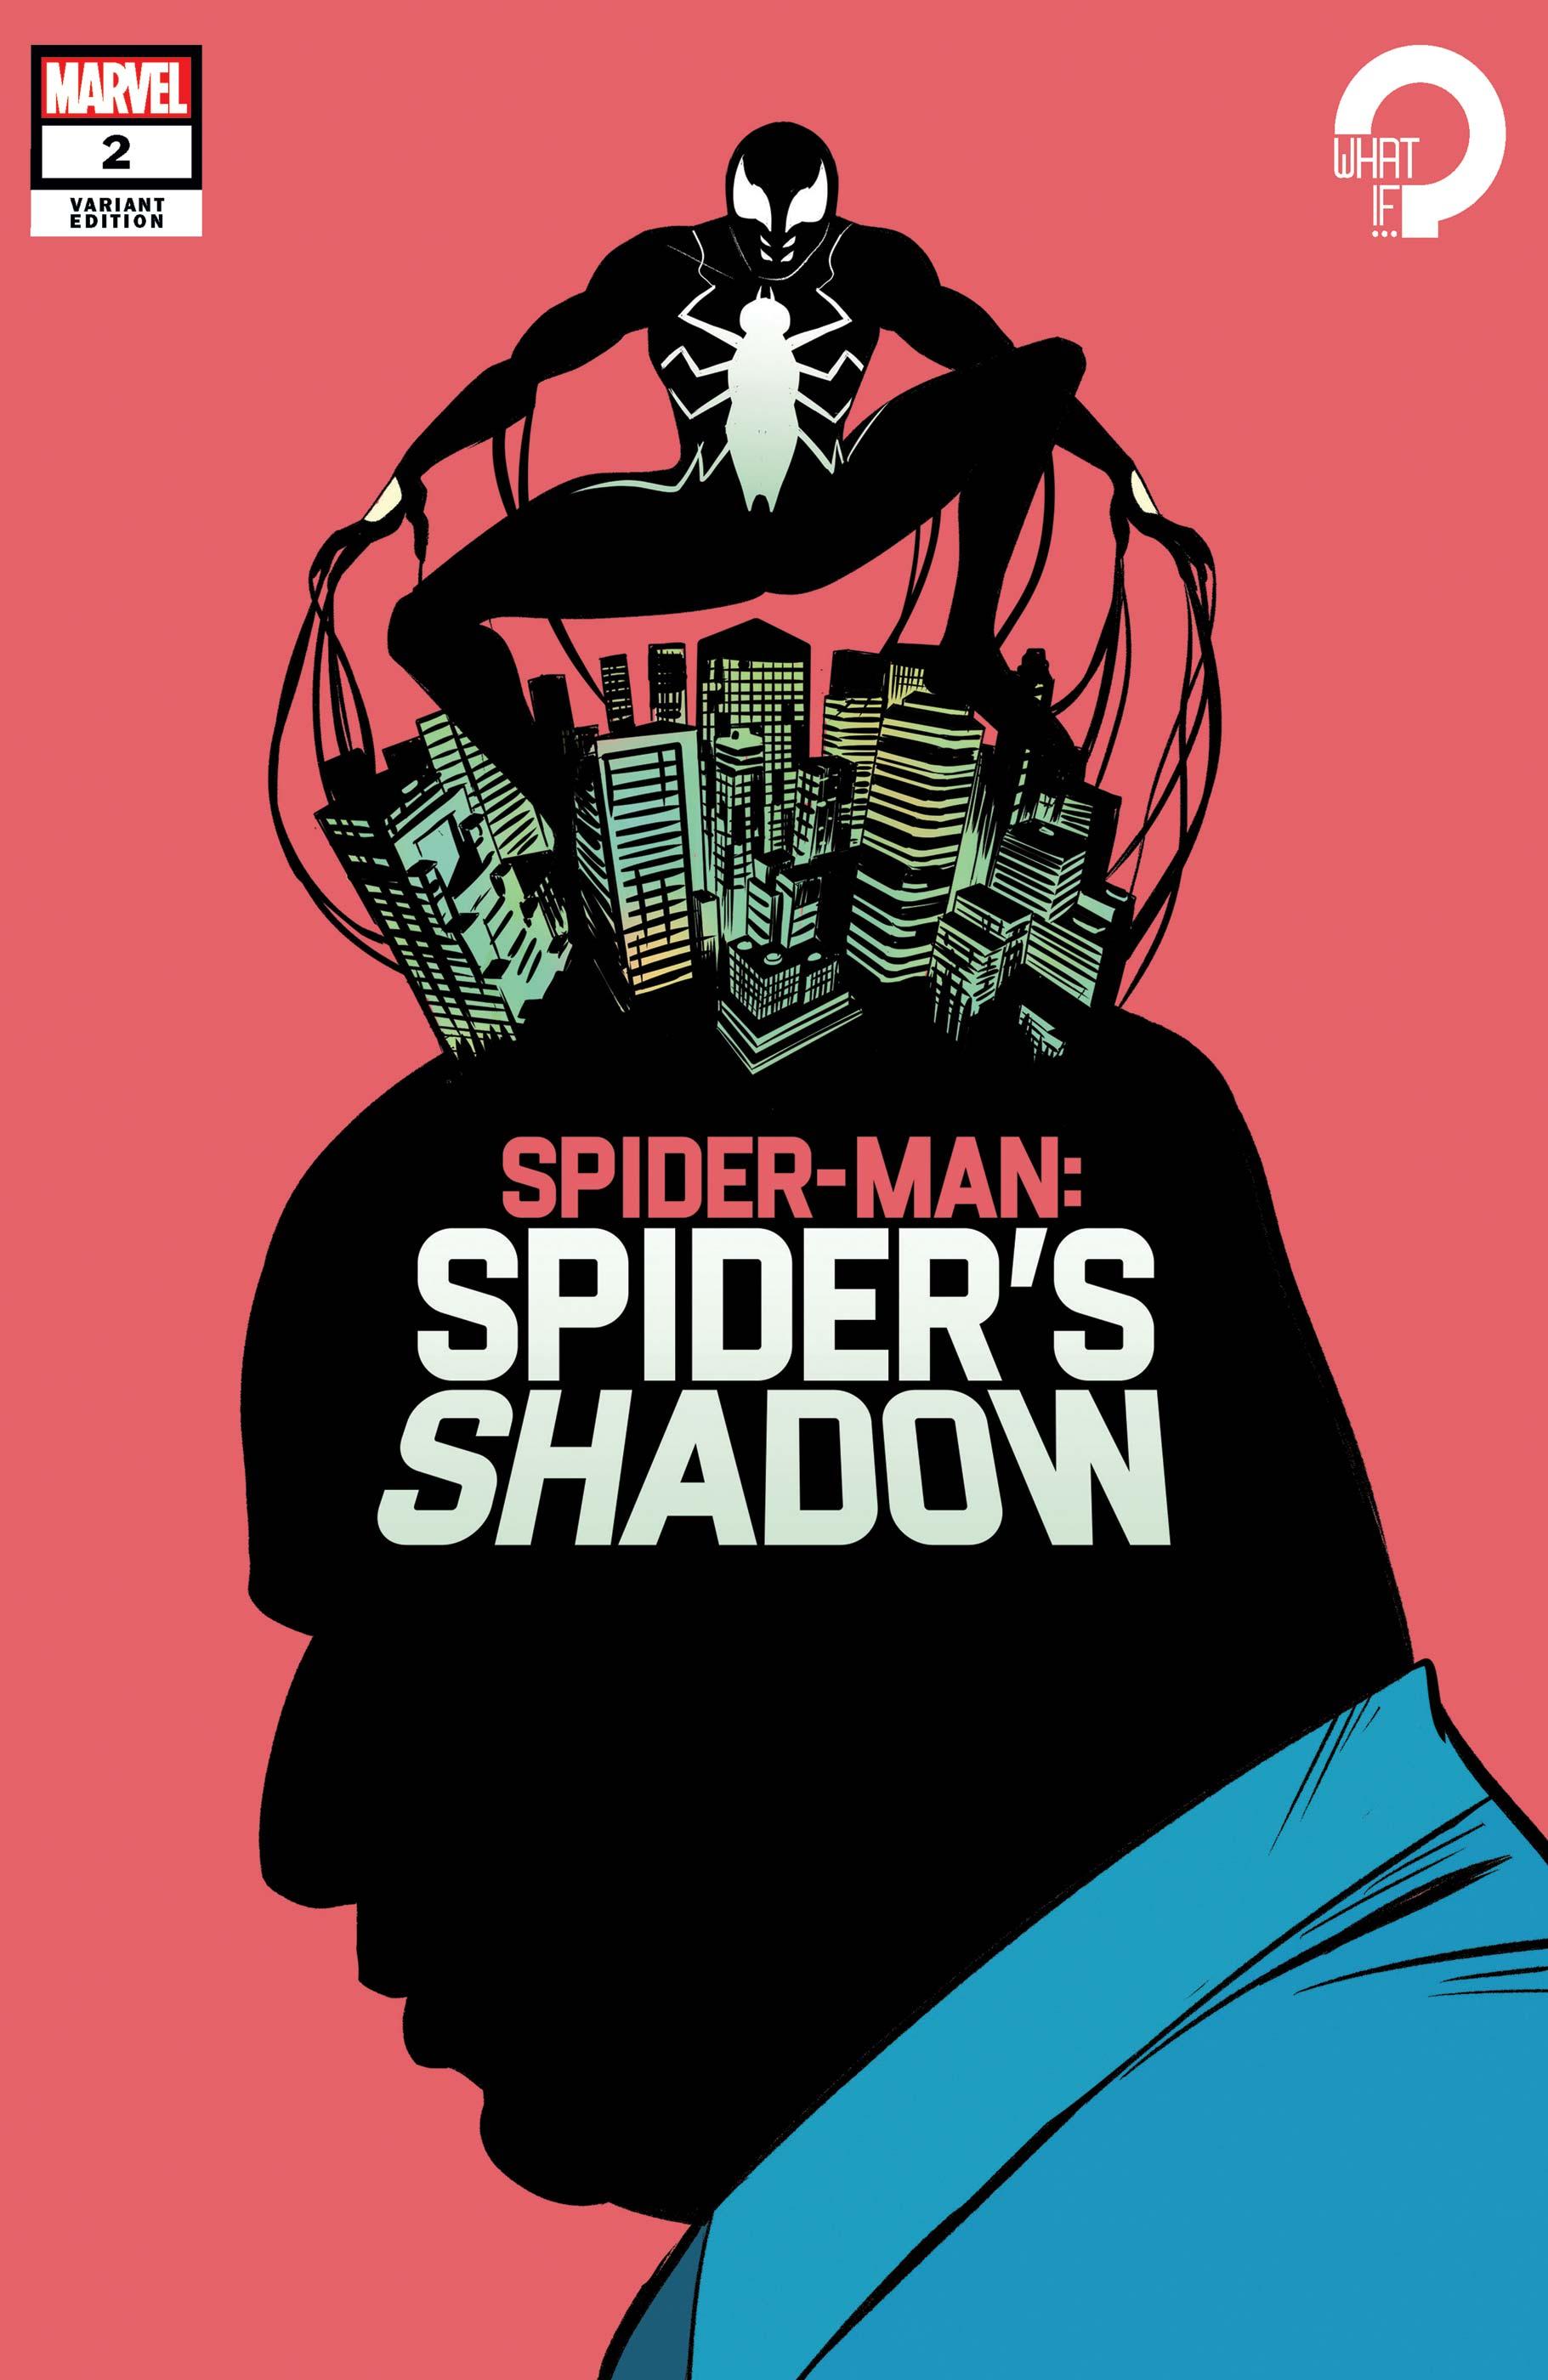 Spider-Man: Spider's Shadow (2021) #2 (Variant)